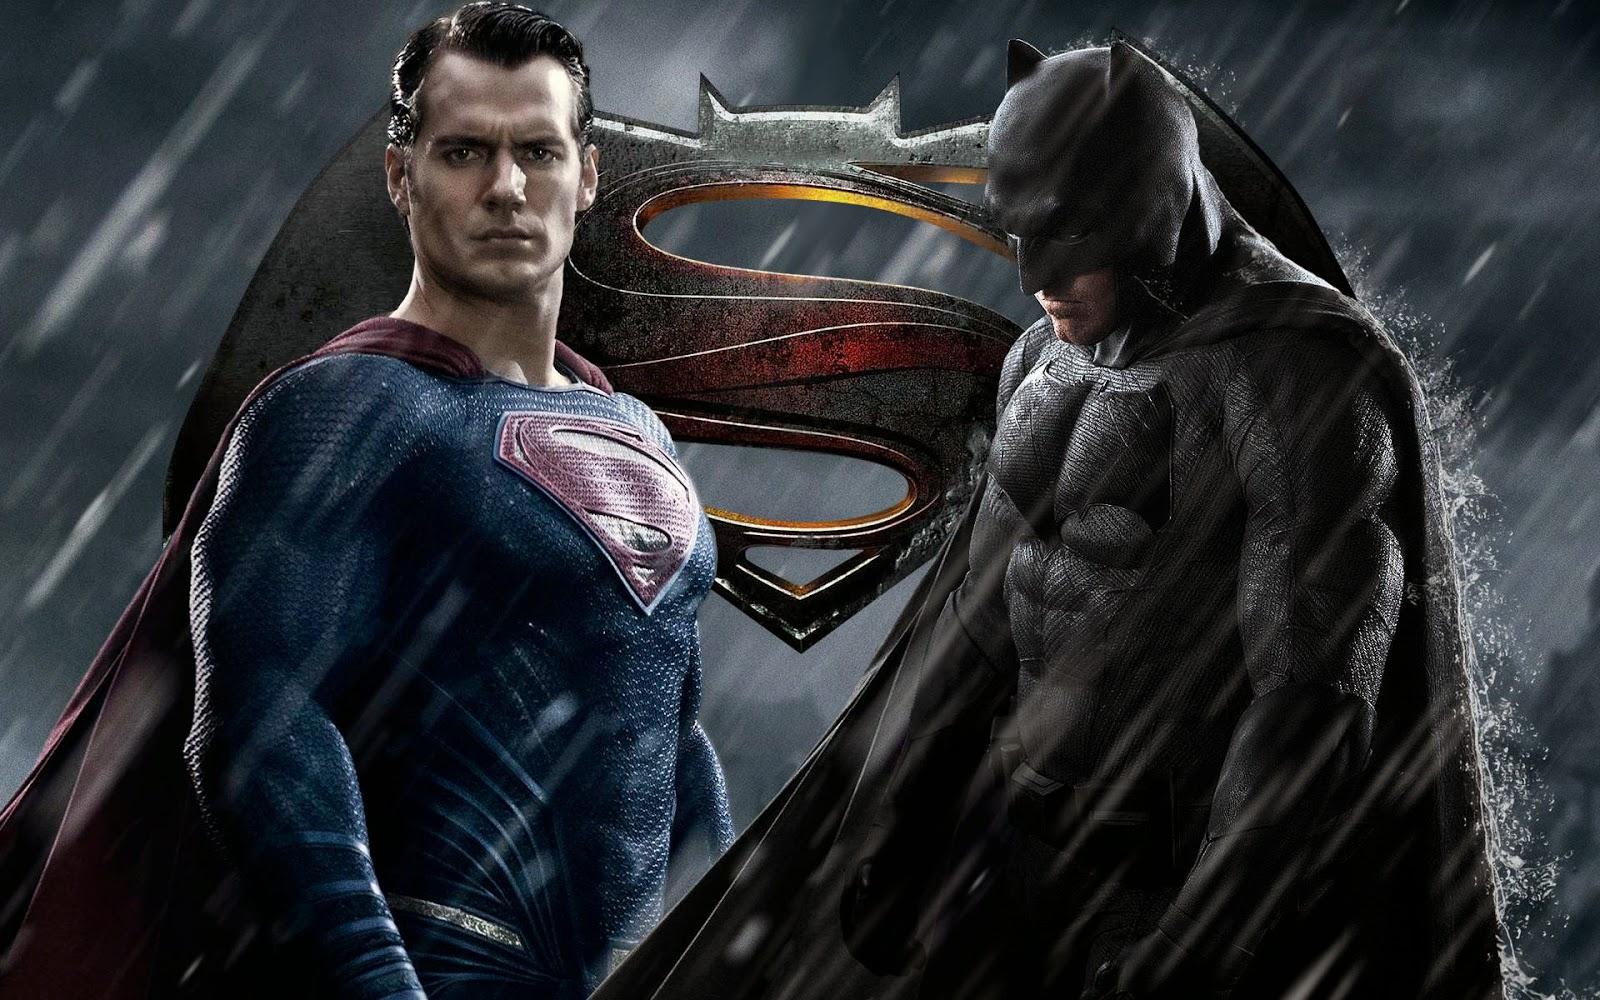 12 cenas de 'Batman vs Superman' que todo fã gay gostaria de ver